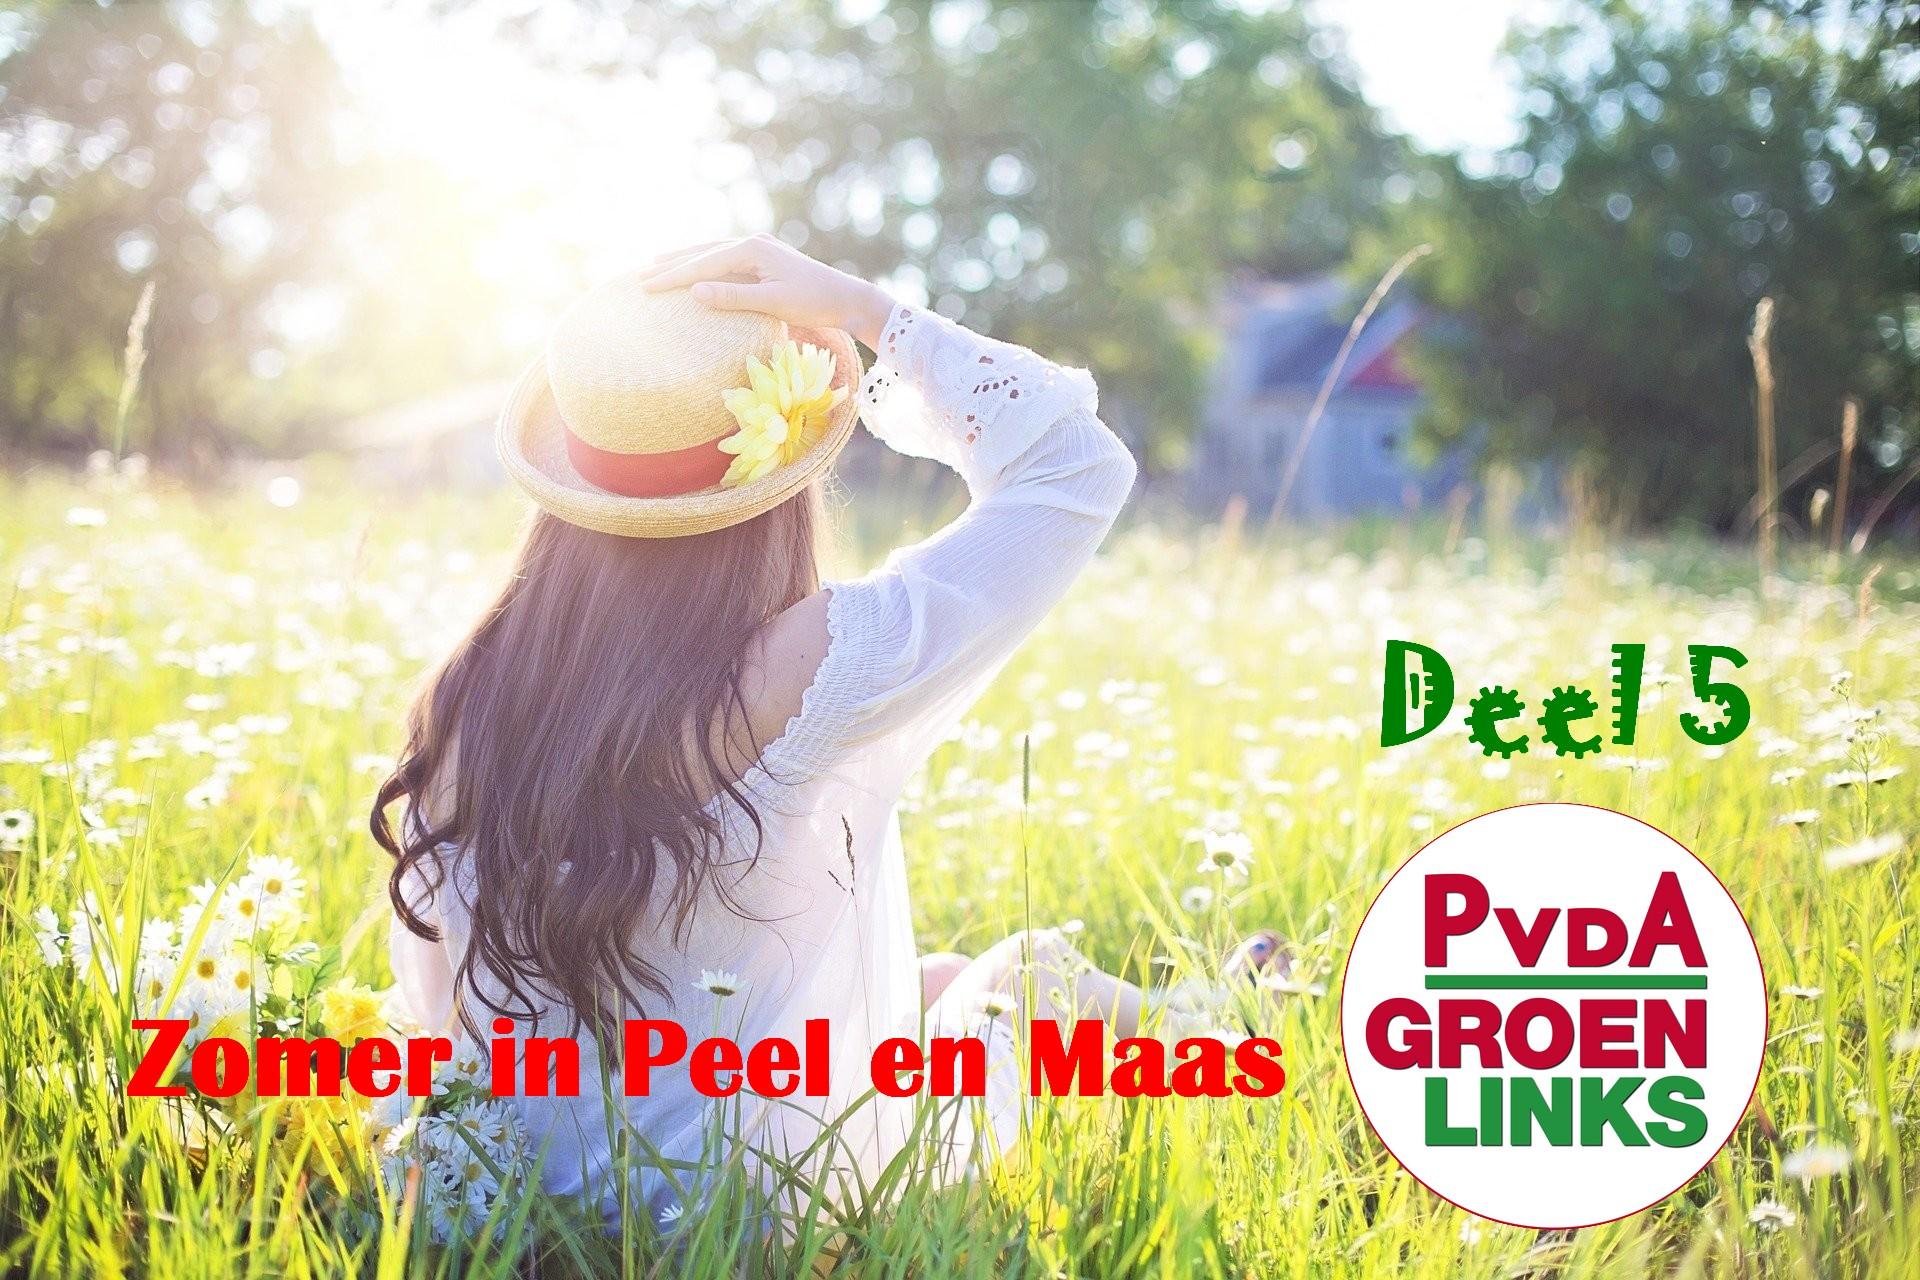 https://pvdagroenlinks.nl/zomer-in-peel-en-maas-deel-5-2/